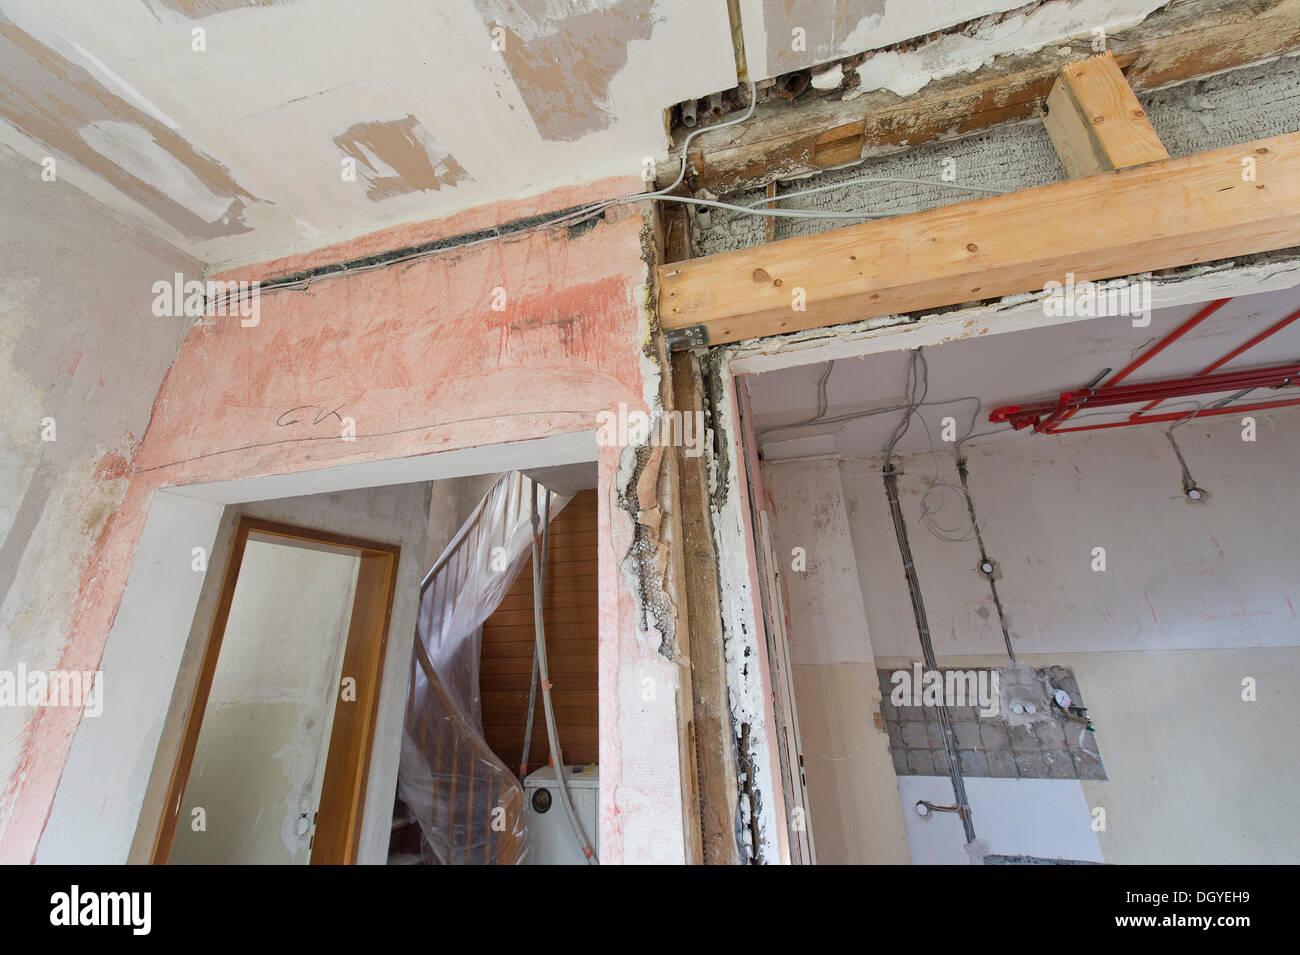 Öffnung in einer Wand mit einem Strahl-Neubau, Sanierung eines alten